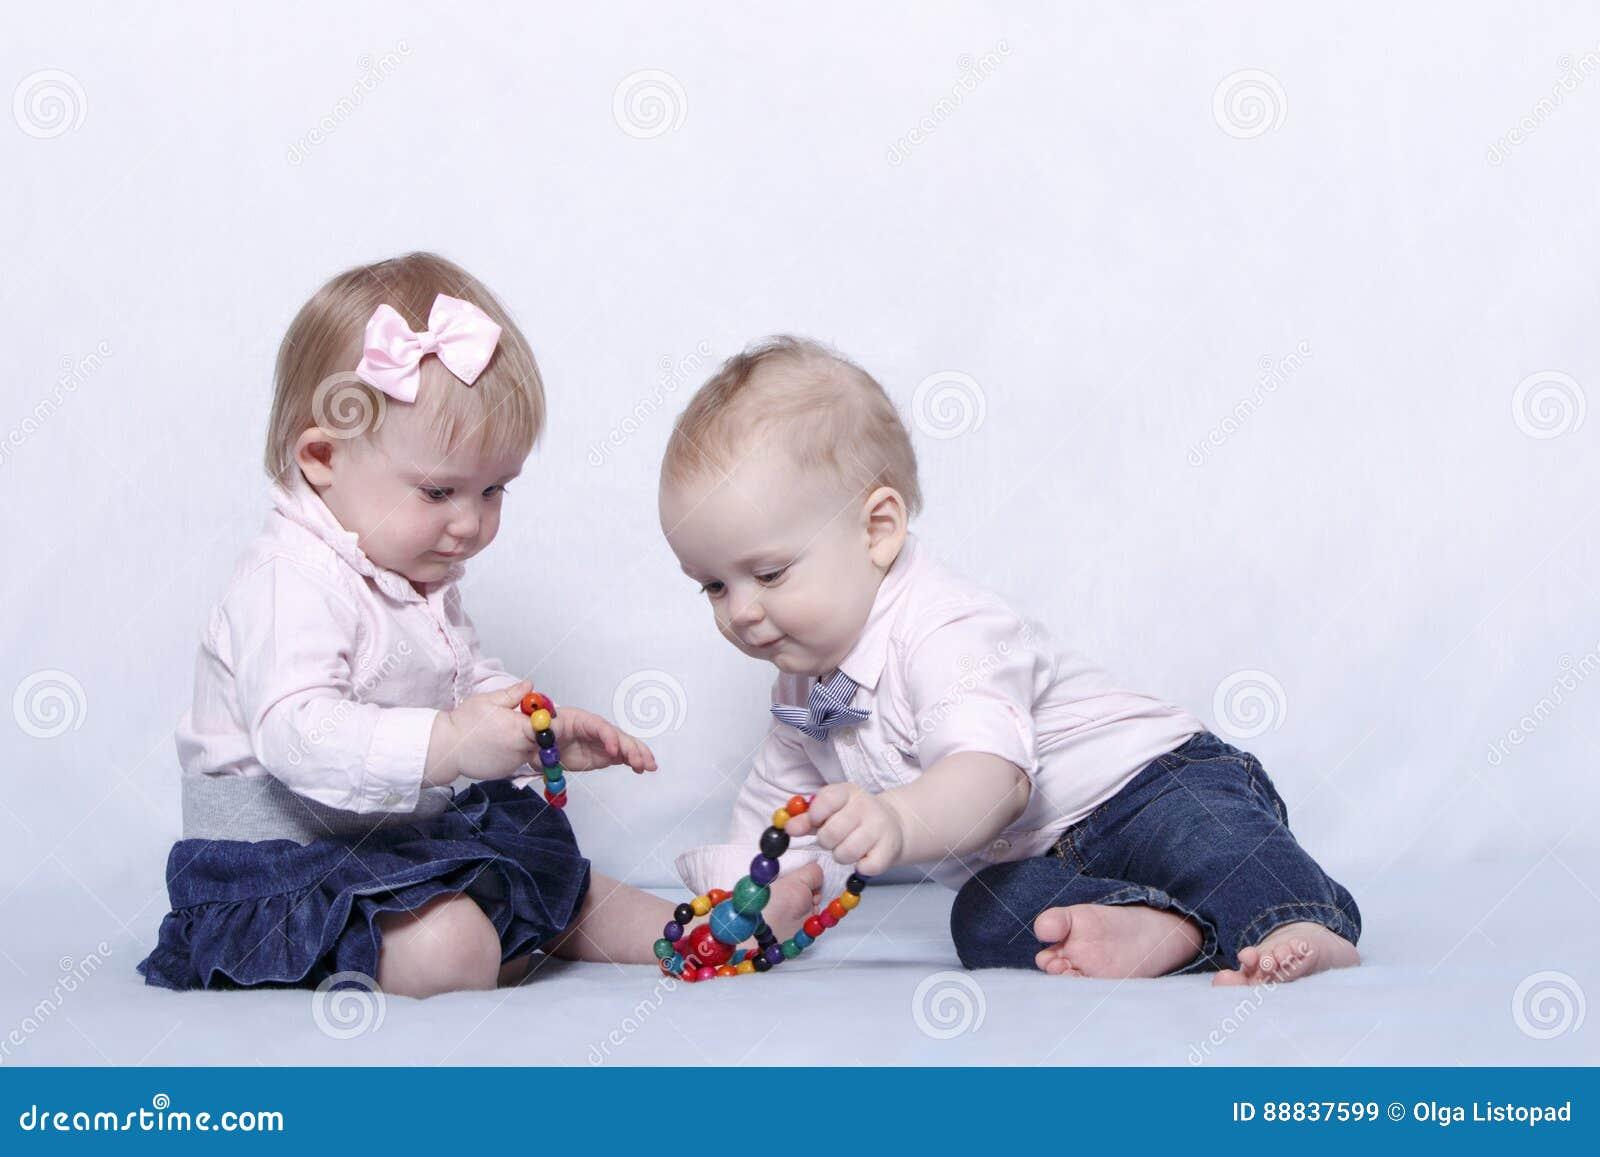 Liebesgeschichte von zwei netten Kindern Säuglingsbaby und Junge, die mit bunten Perlen spielt